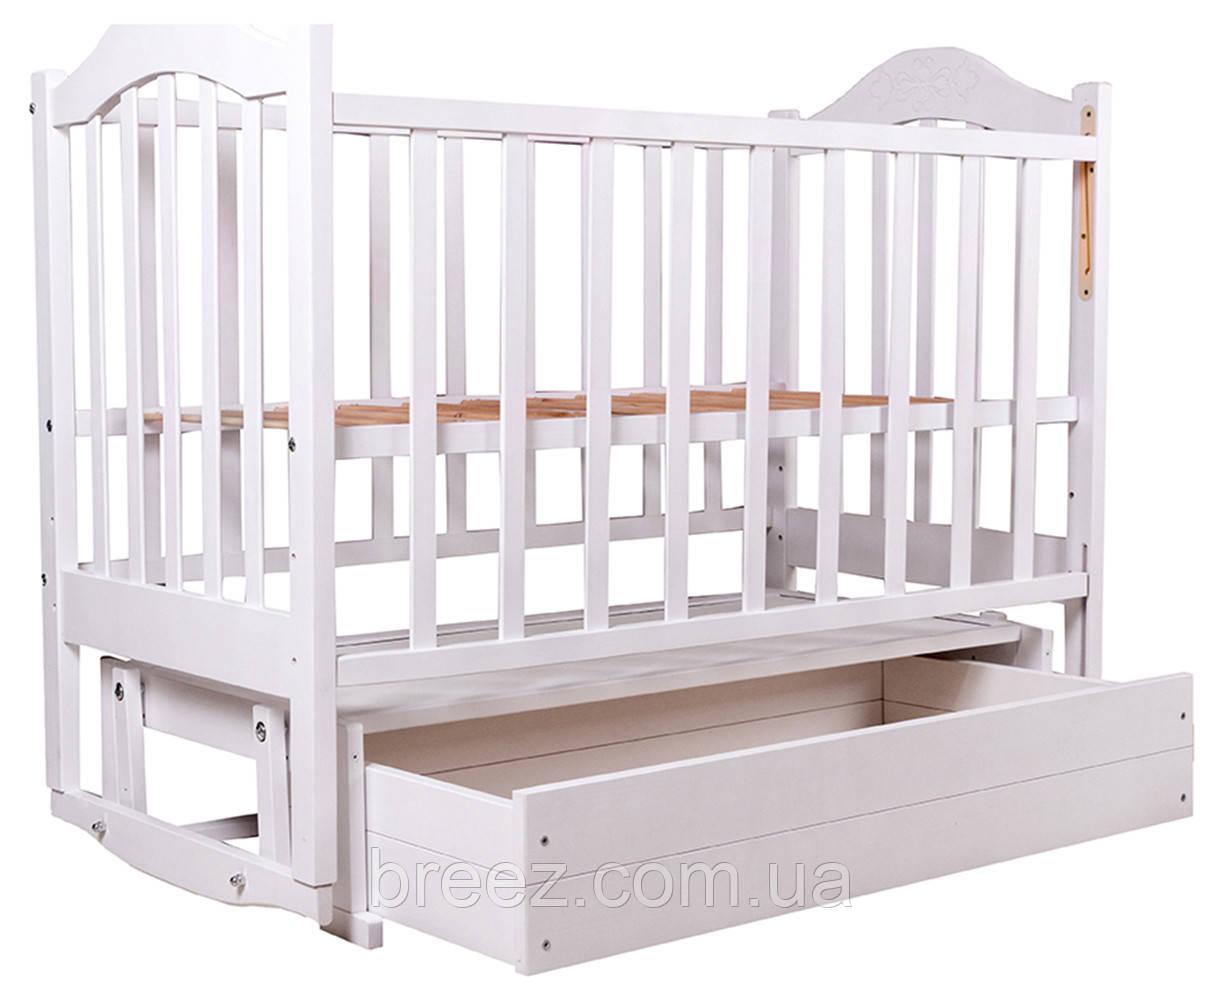 Кровать детская BabyRoom Дина D301 маятник, ящик береза белая